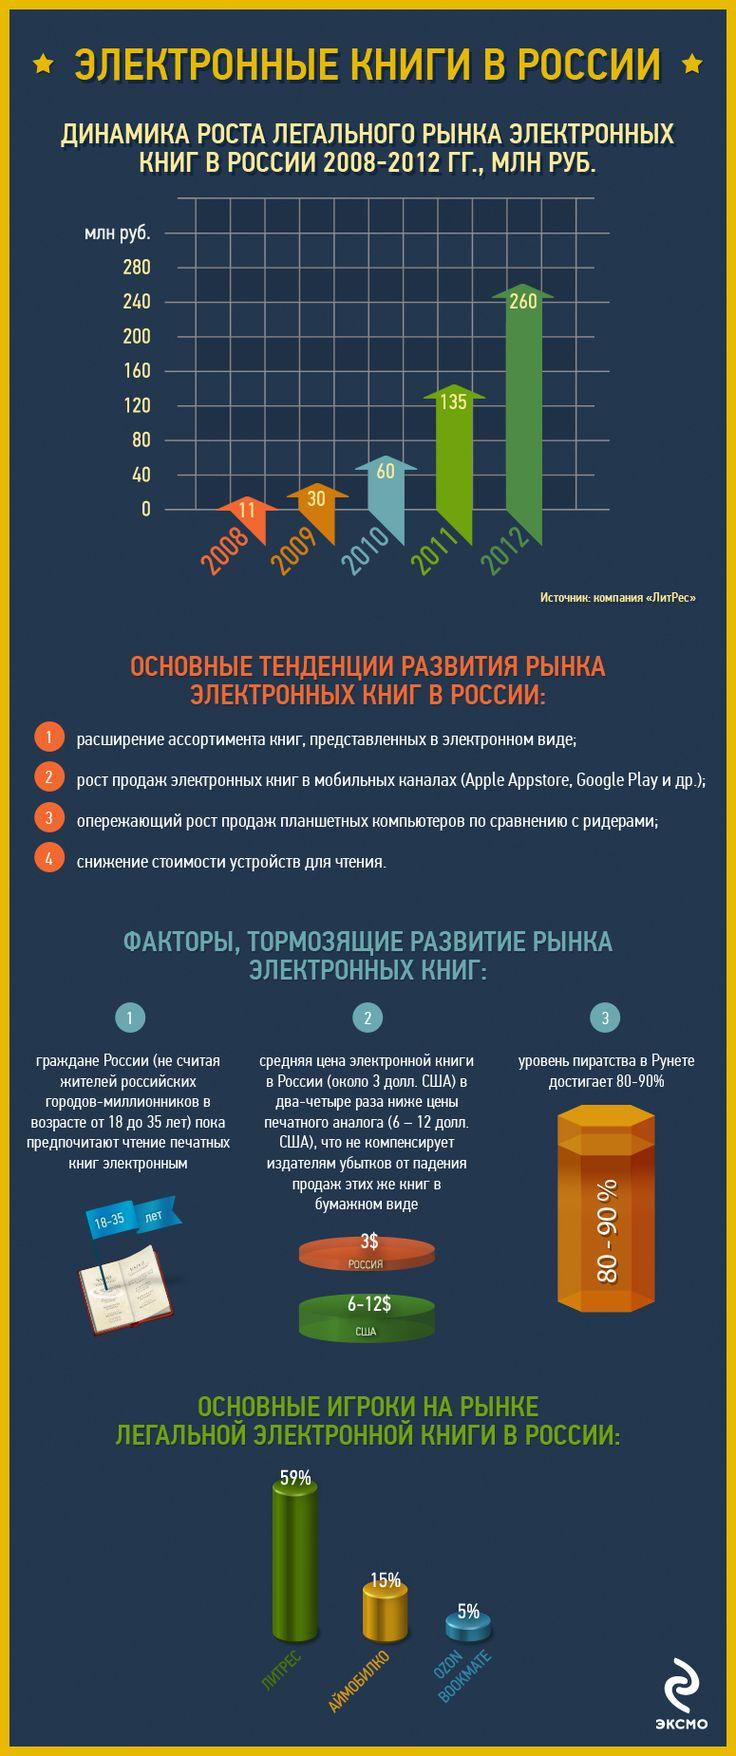 Представляем вашему вниманию инфографик «Электронные книги в России». Изображение в большом разрешении: http://eksmo.ru/gallery/likeit/2202/1519549/